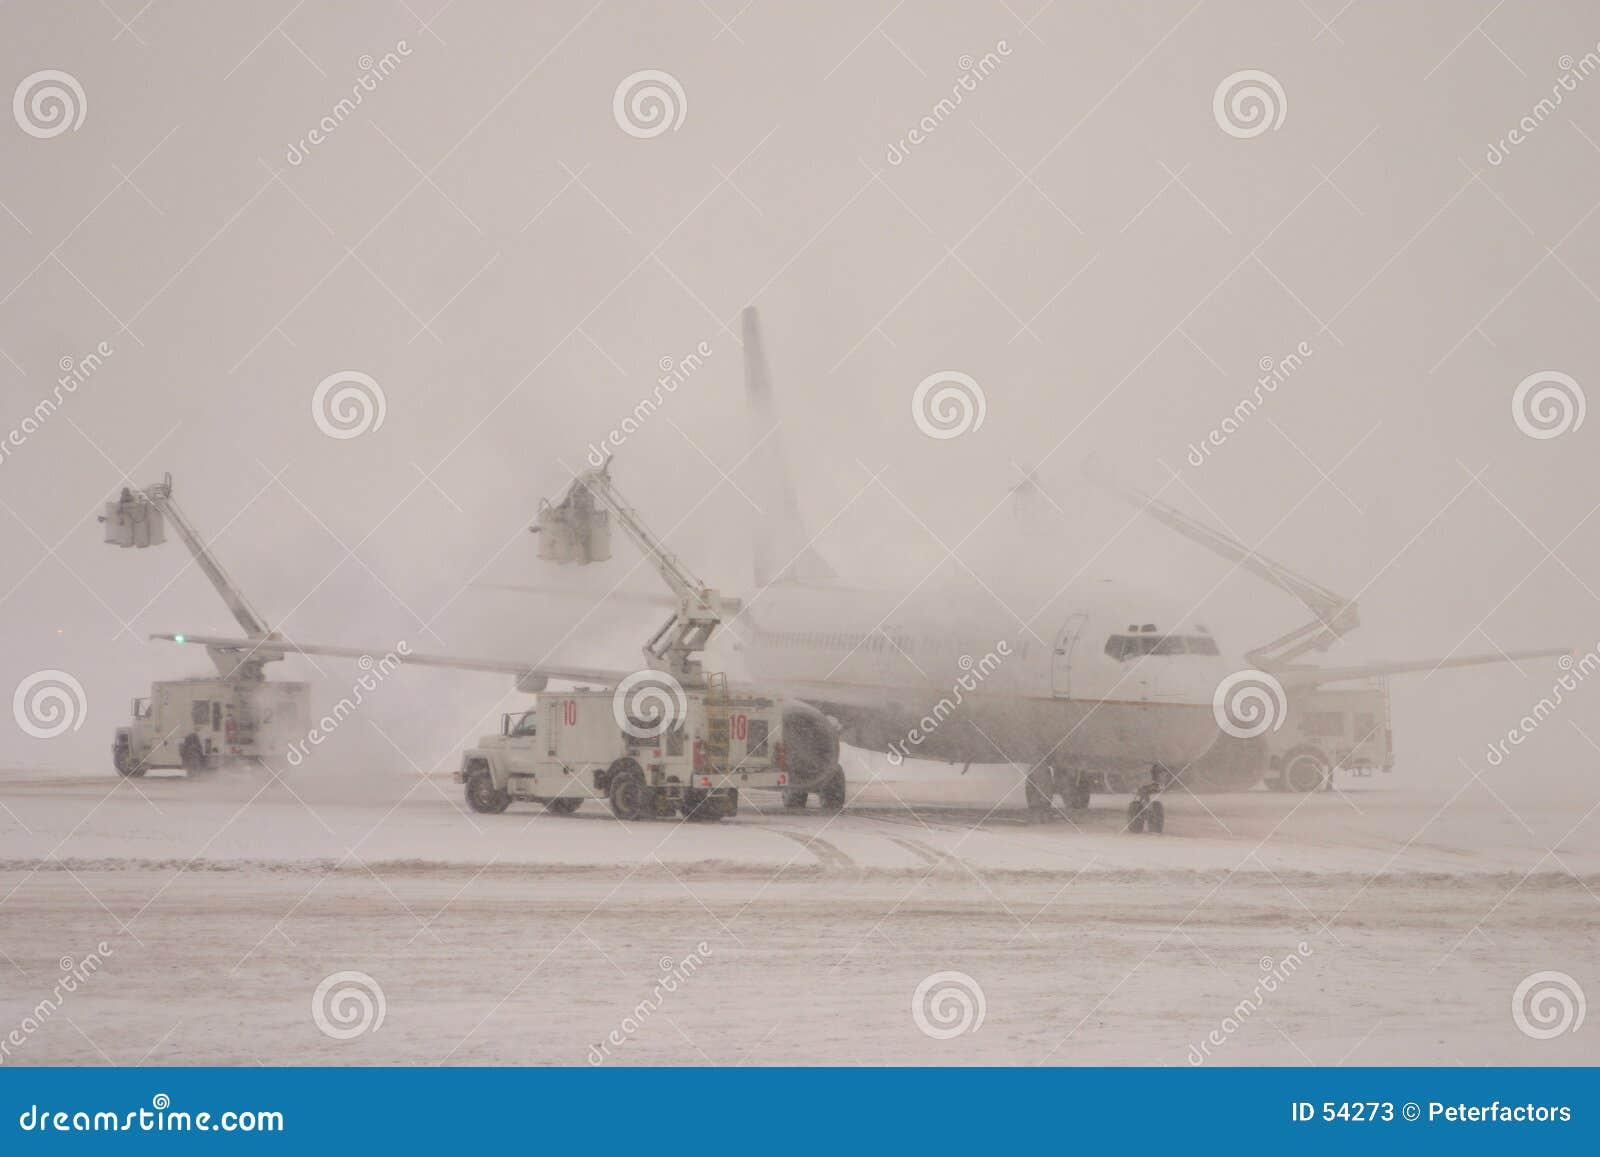 Odladzanie statku powietrznego